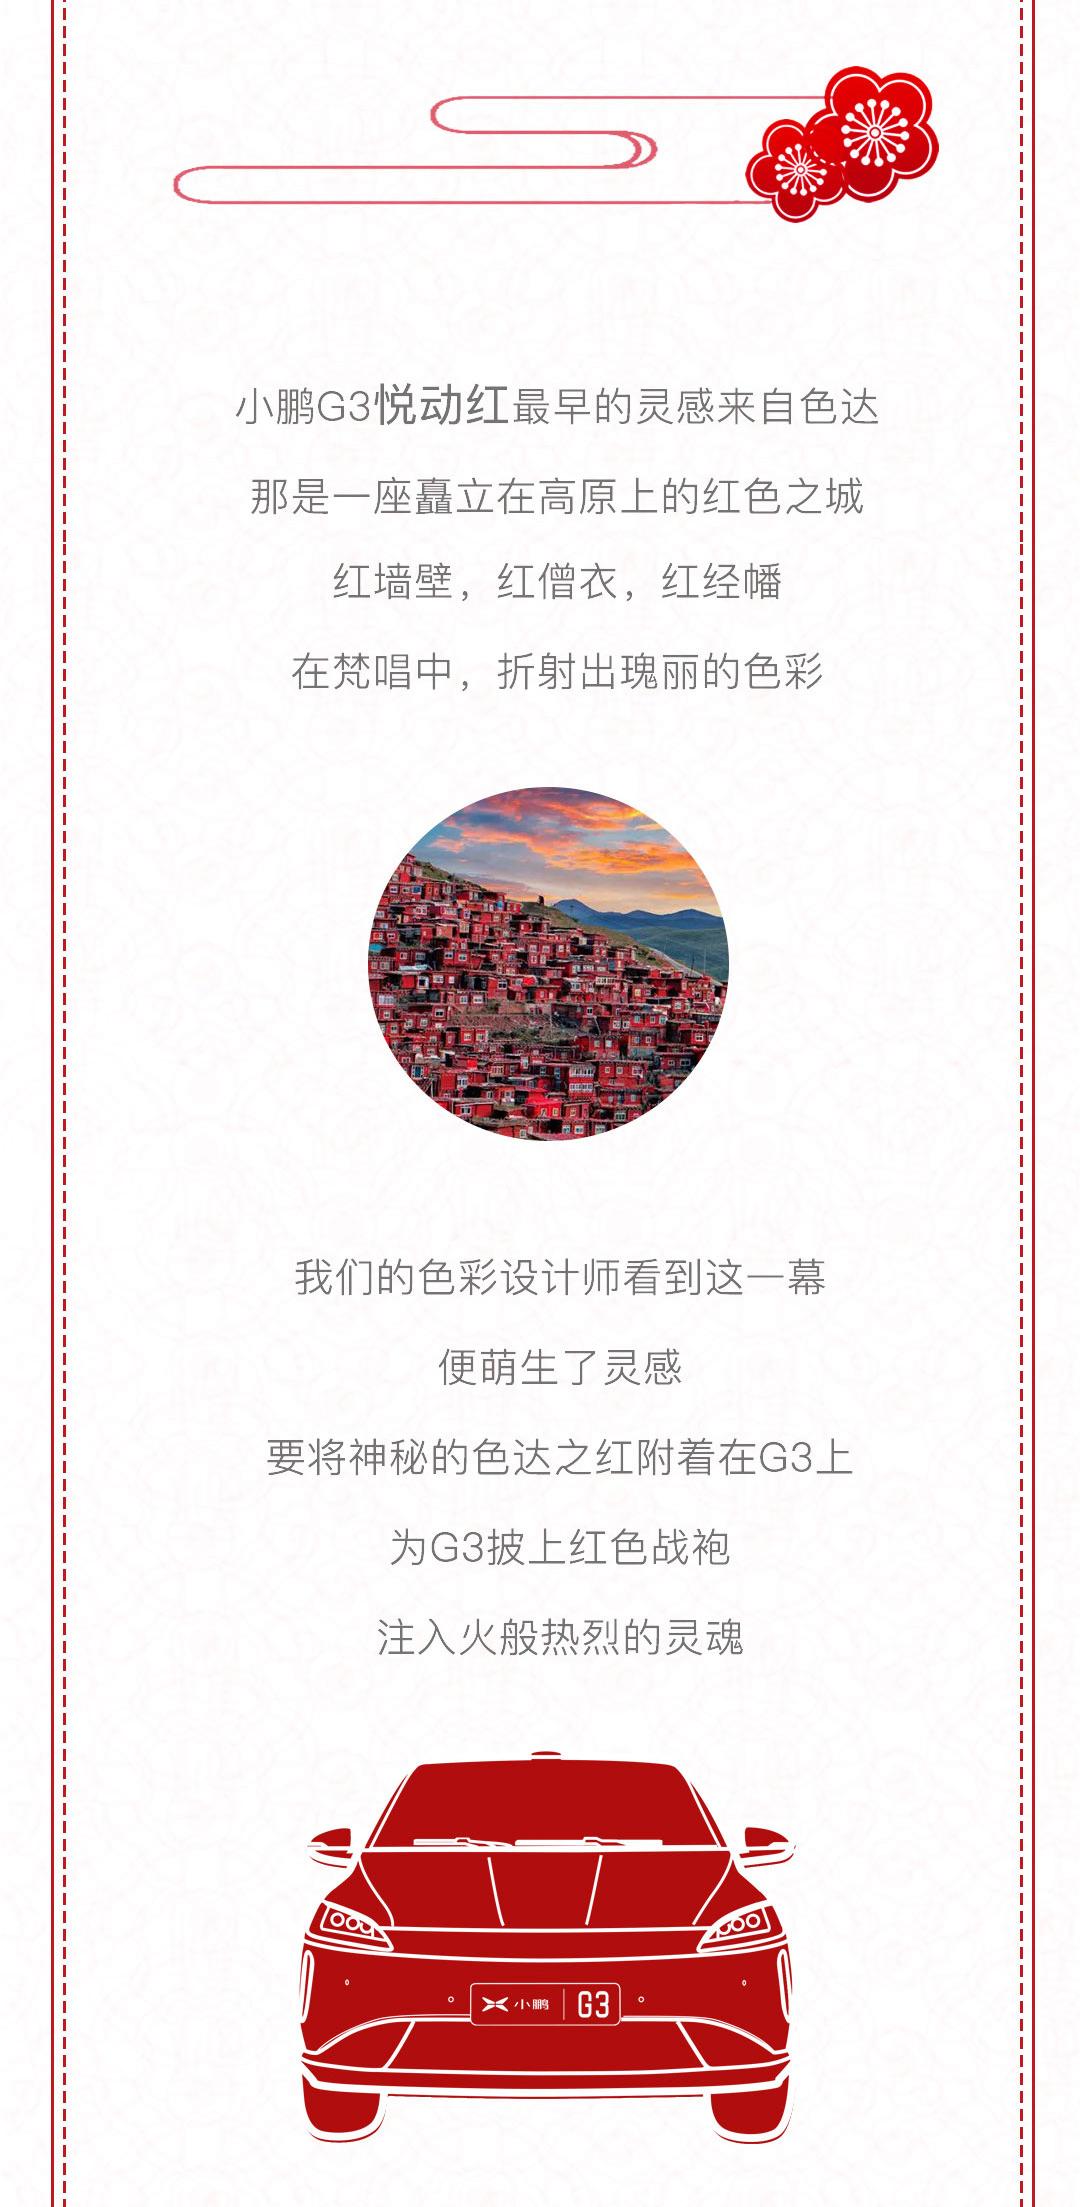 红色排版part1_01_02.jpg